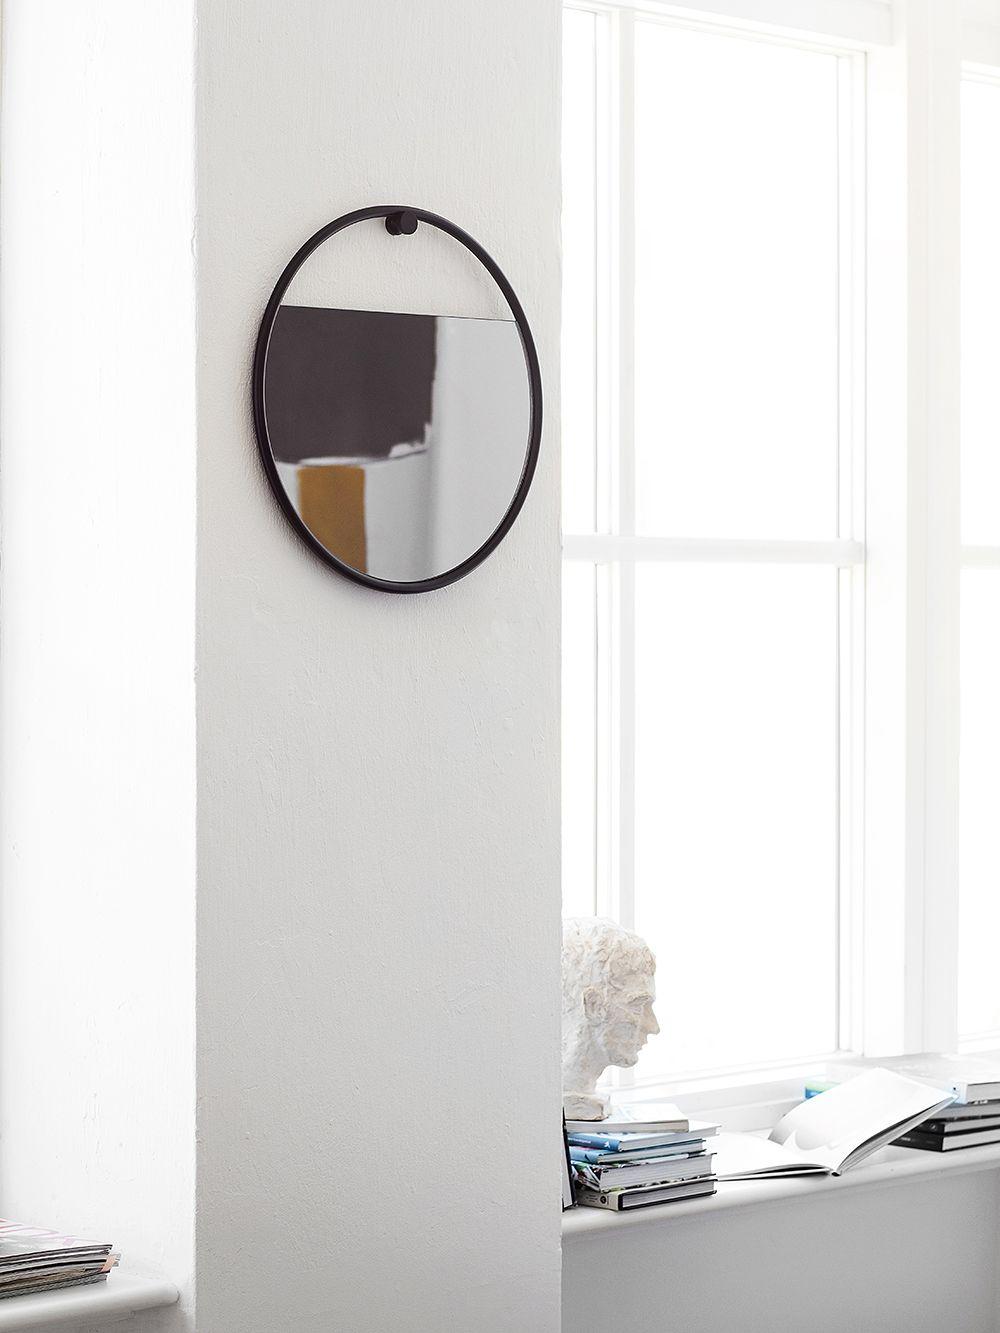 Peek mirror by Northern